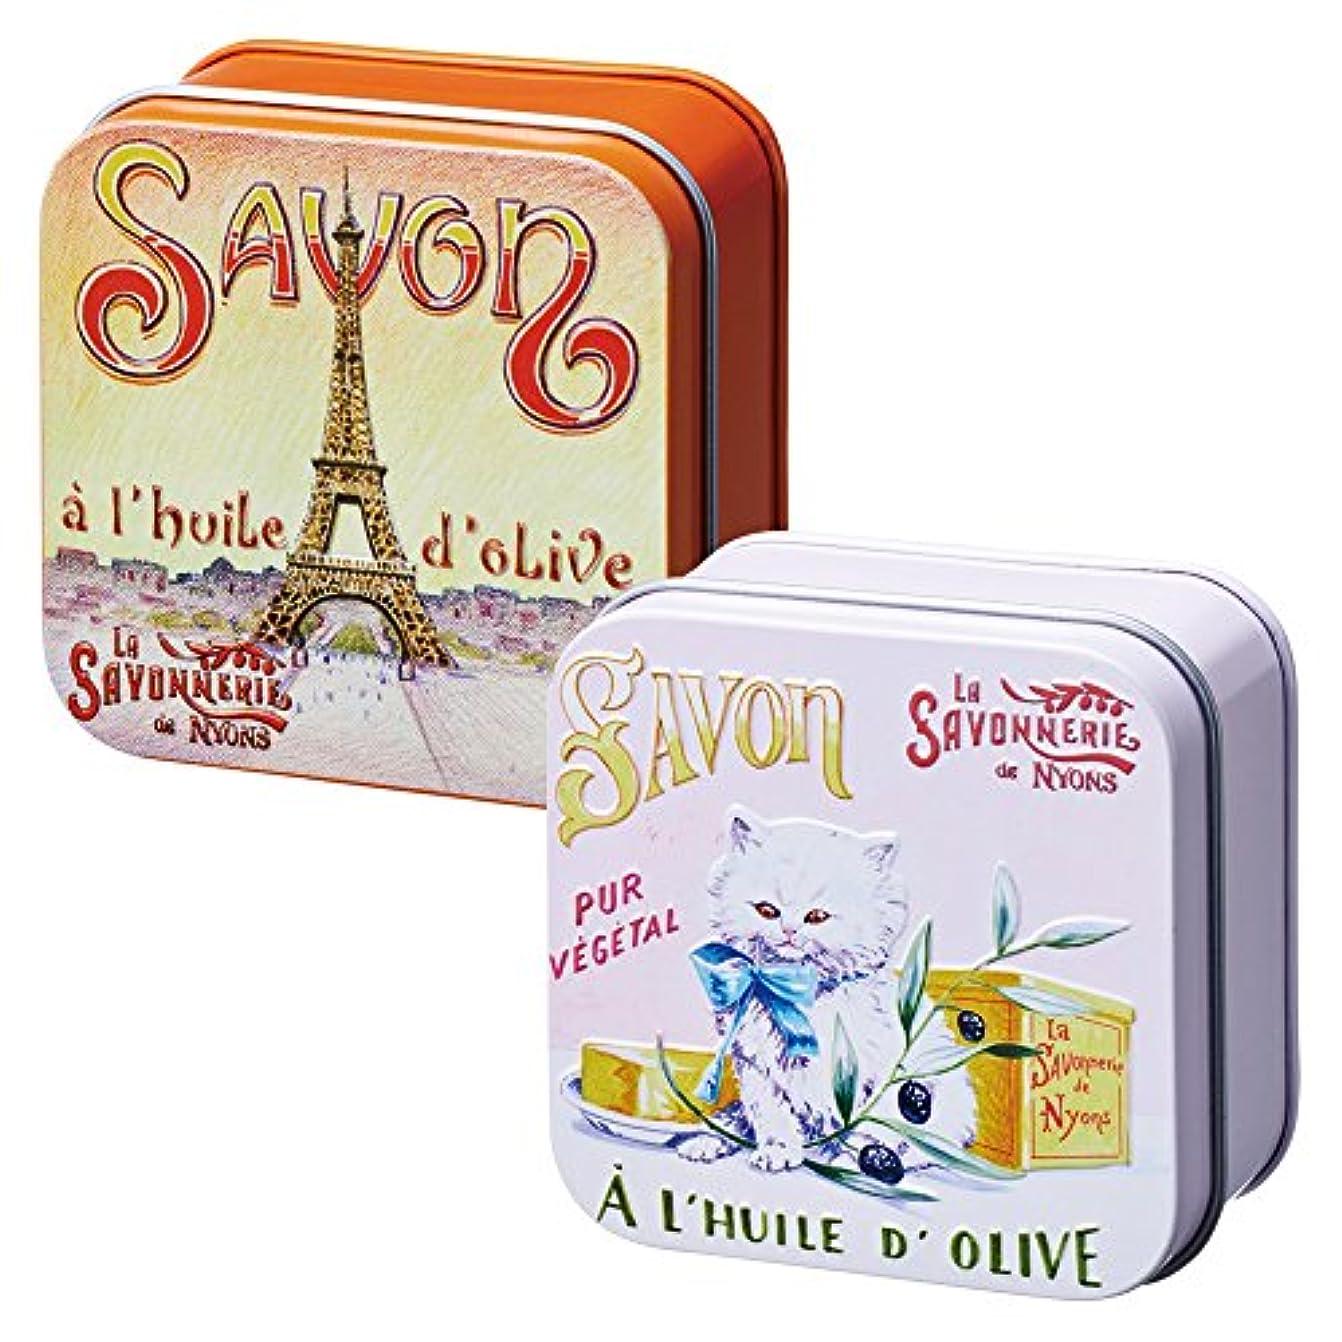 論争の的プロット放映フランスお土産 ラ?サボネリー アンティーク缶入り石けん 2種セット(子猫&エッフェル塔)